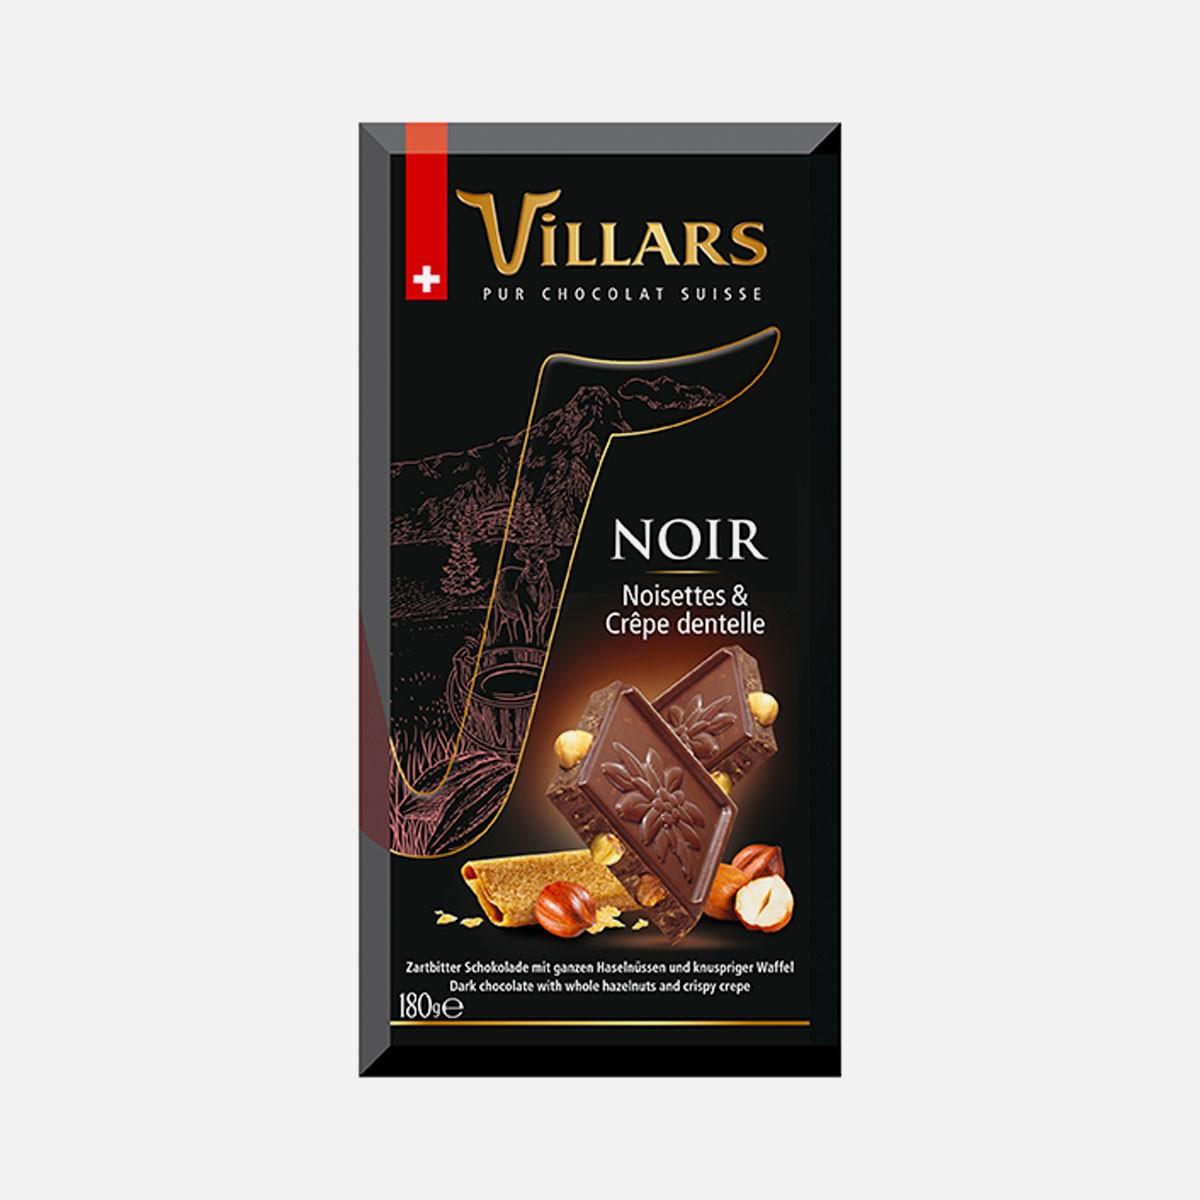 VILLARS Noisettes & Crêpe dentelle